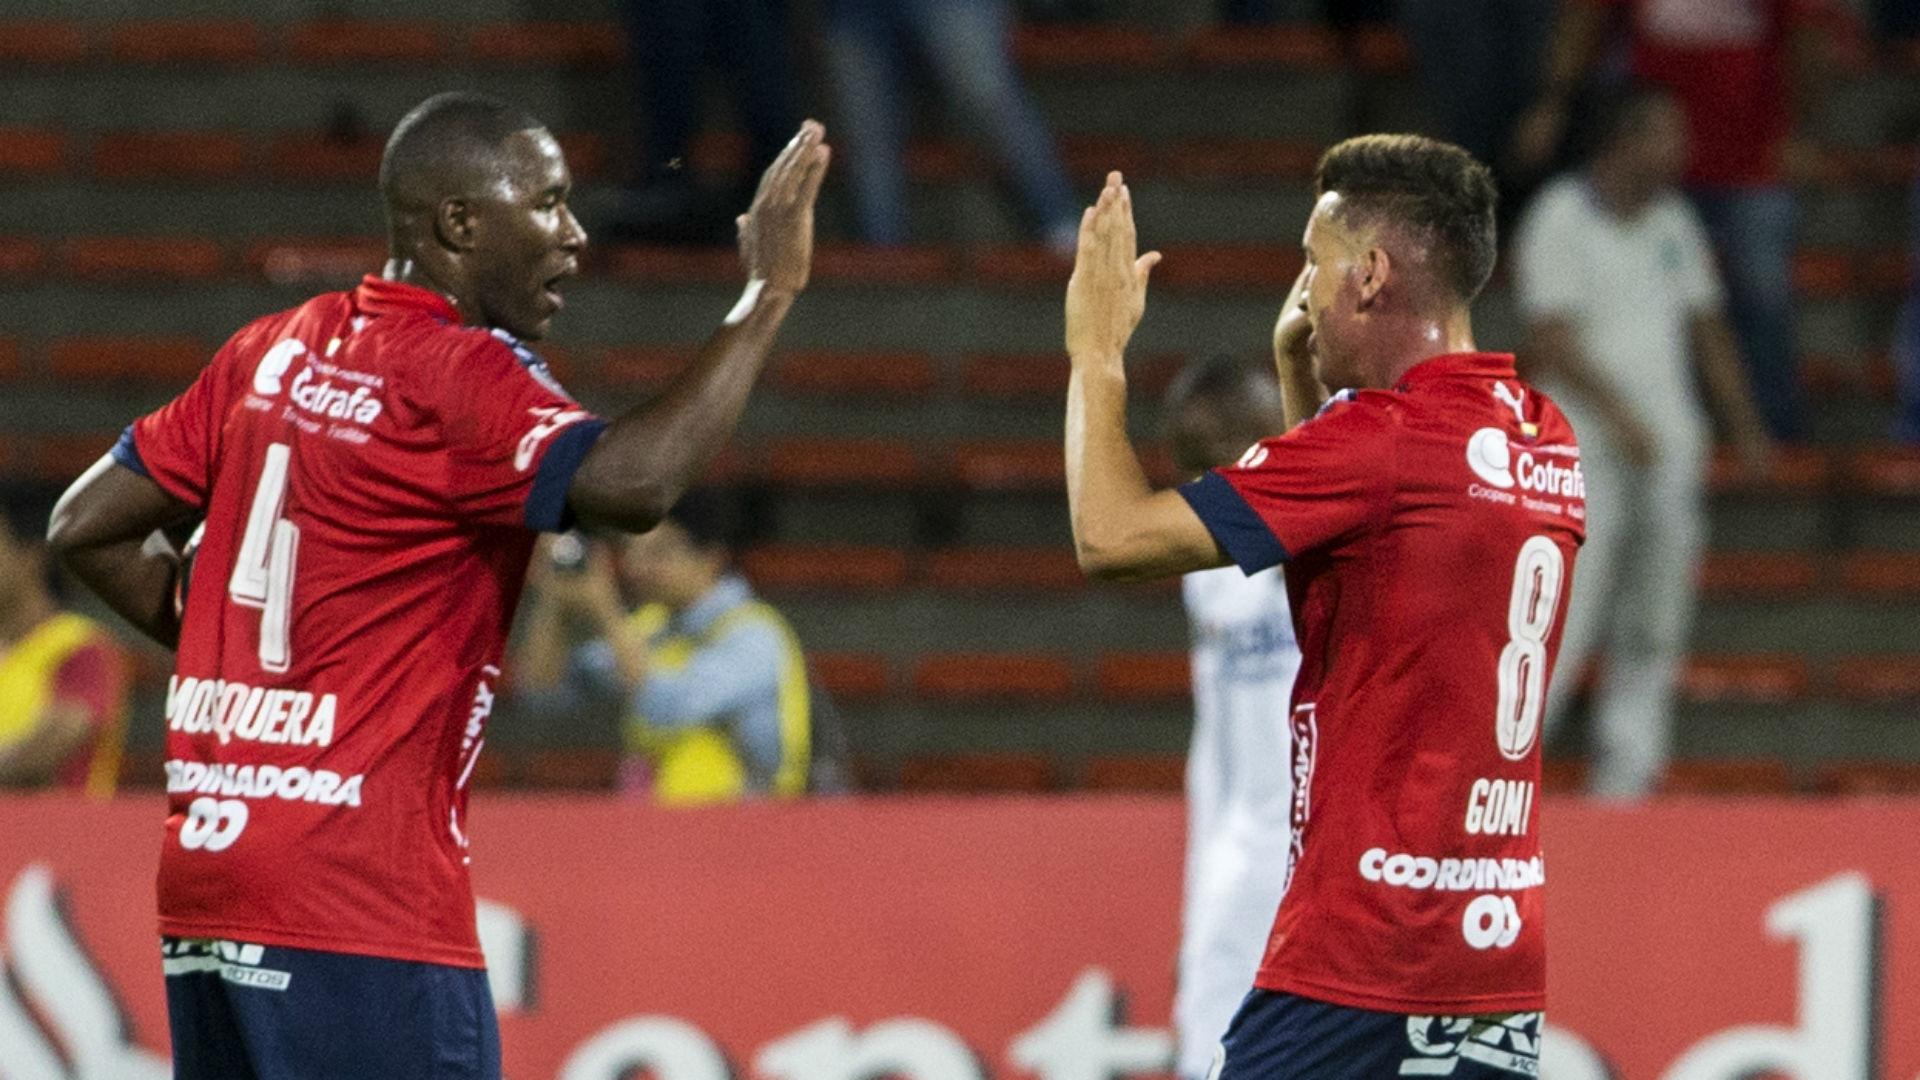 Medellín gol Copa Libertadores 2017